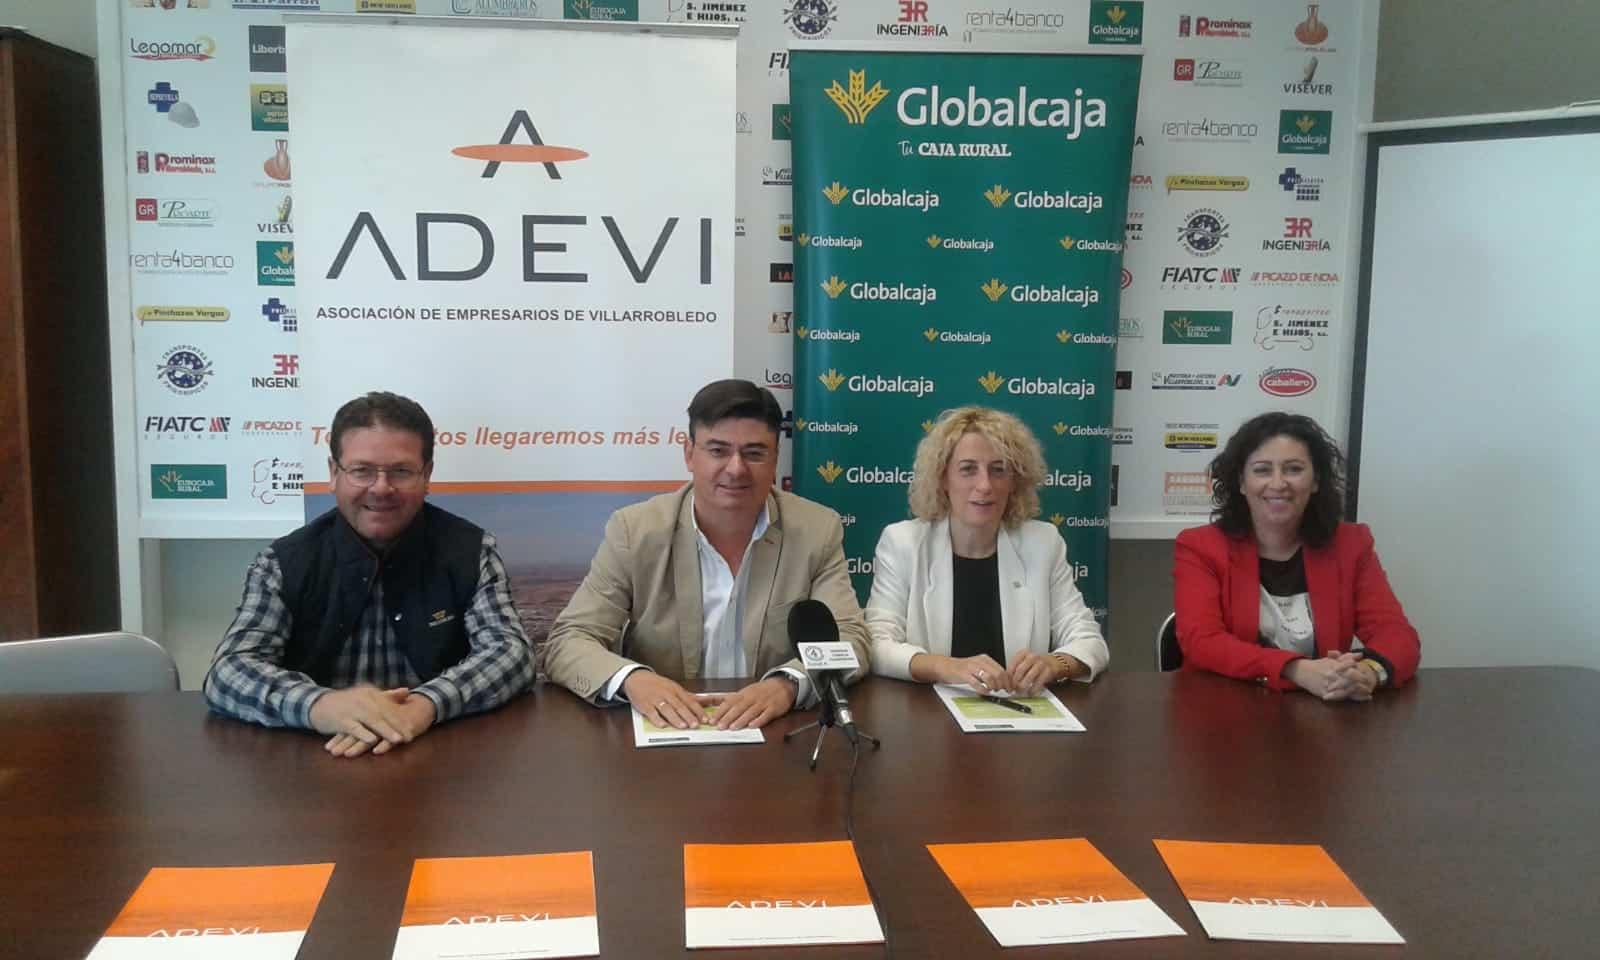 https://blog.globalcaja.es/wp-content/uploads/2019/10/adevi-y-Globalcaja.jpg